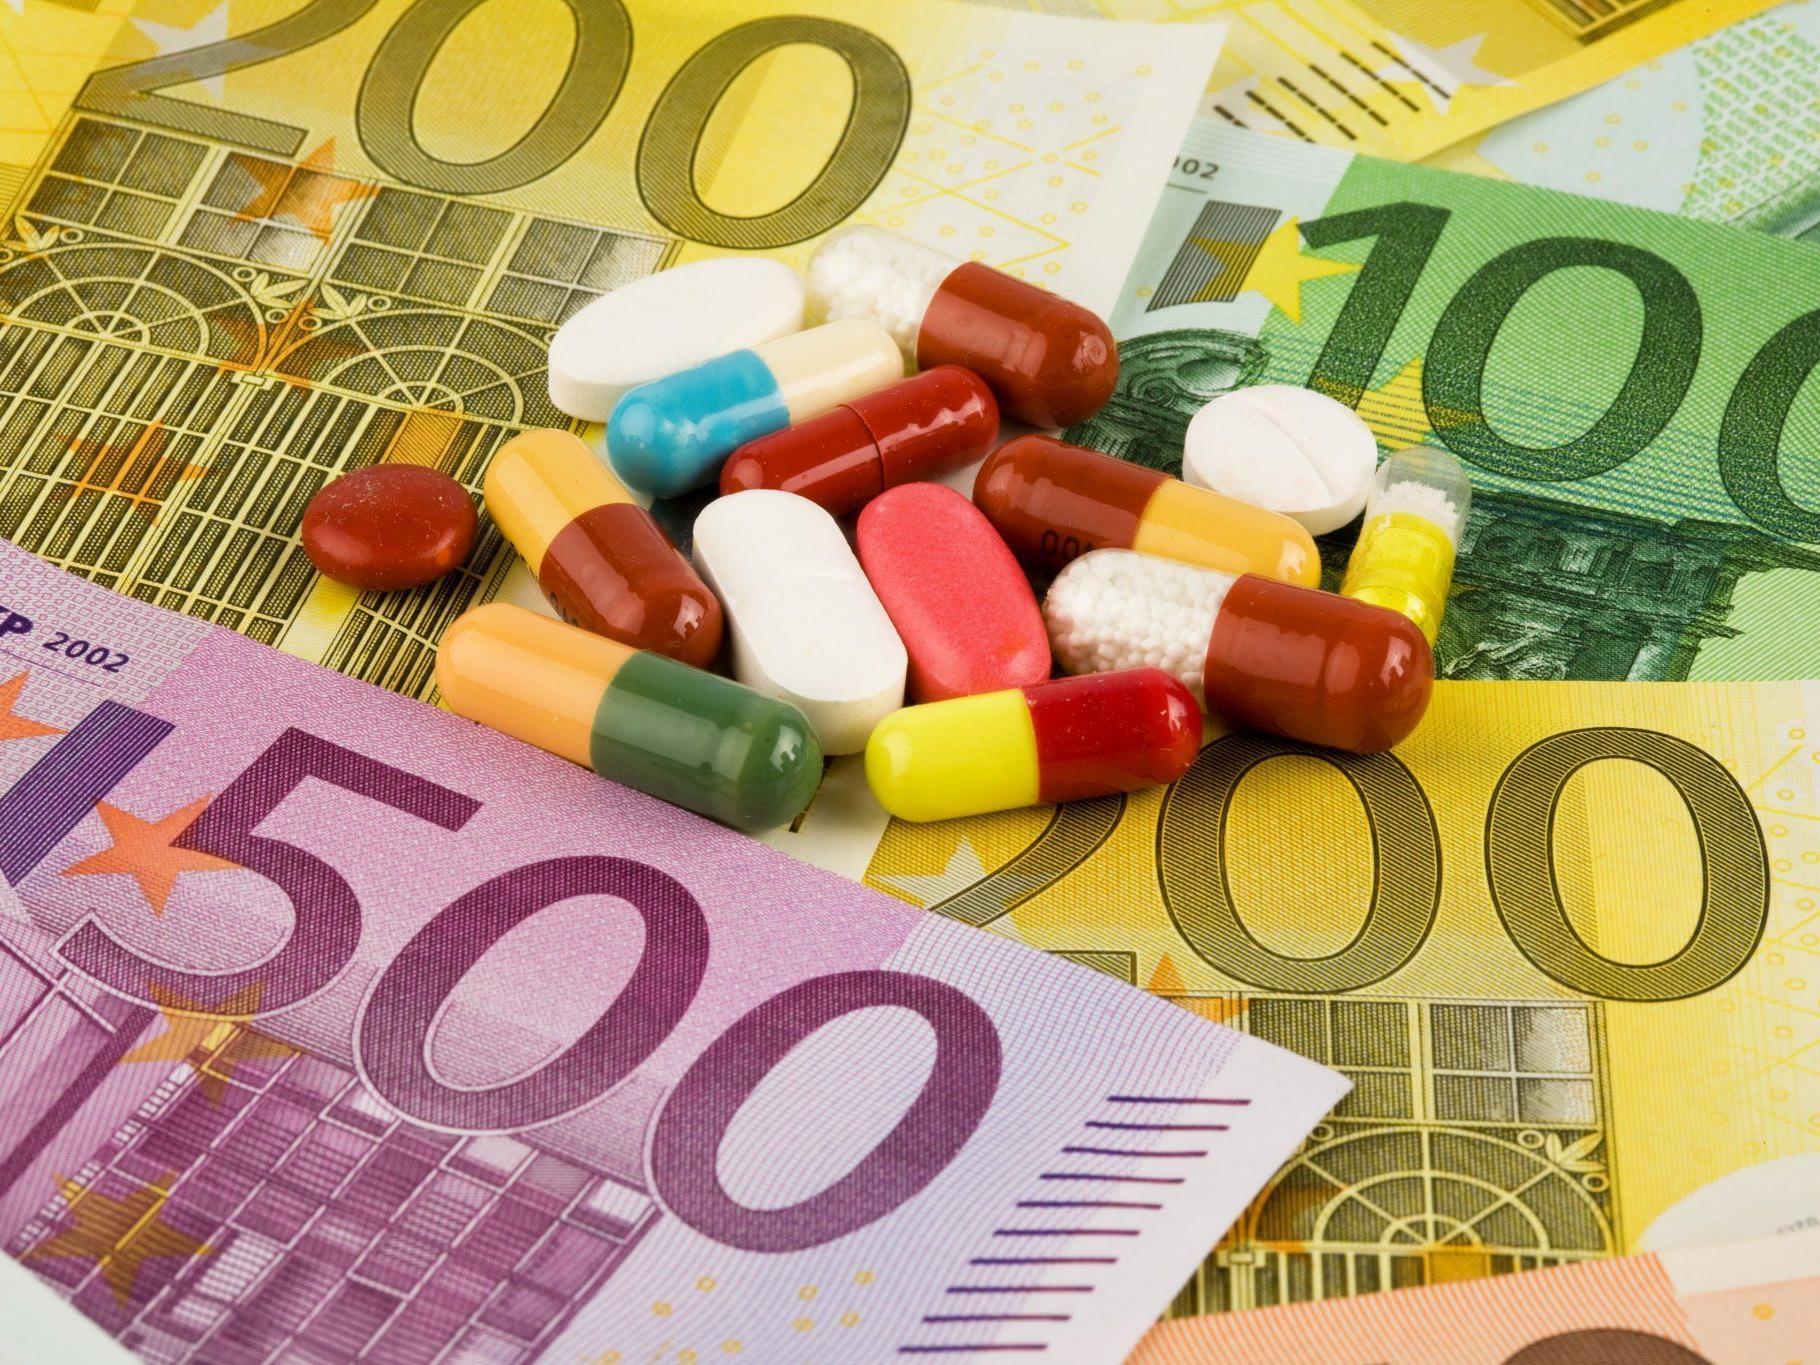 Die Brüder machten mit dem Verkauf von Drogenersatz-Medikamenten horrenden Gewinn.